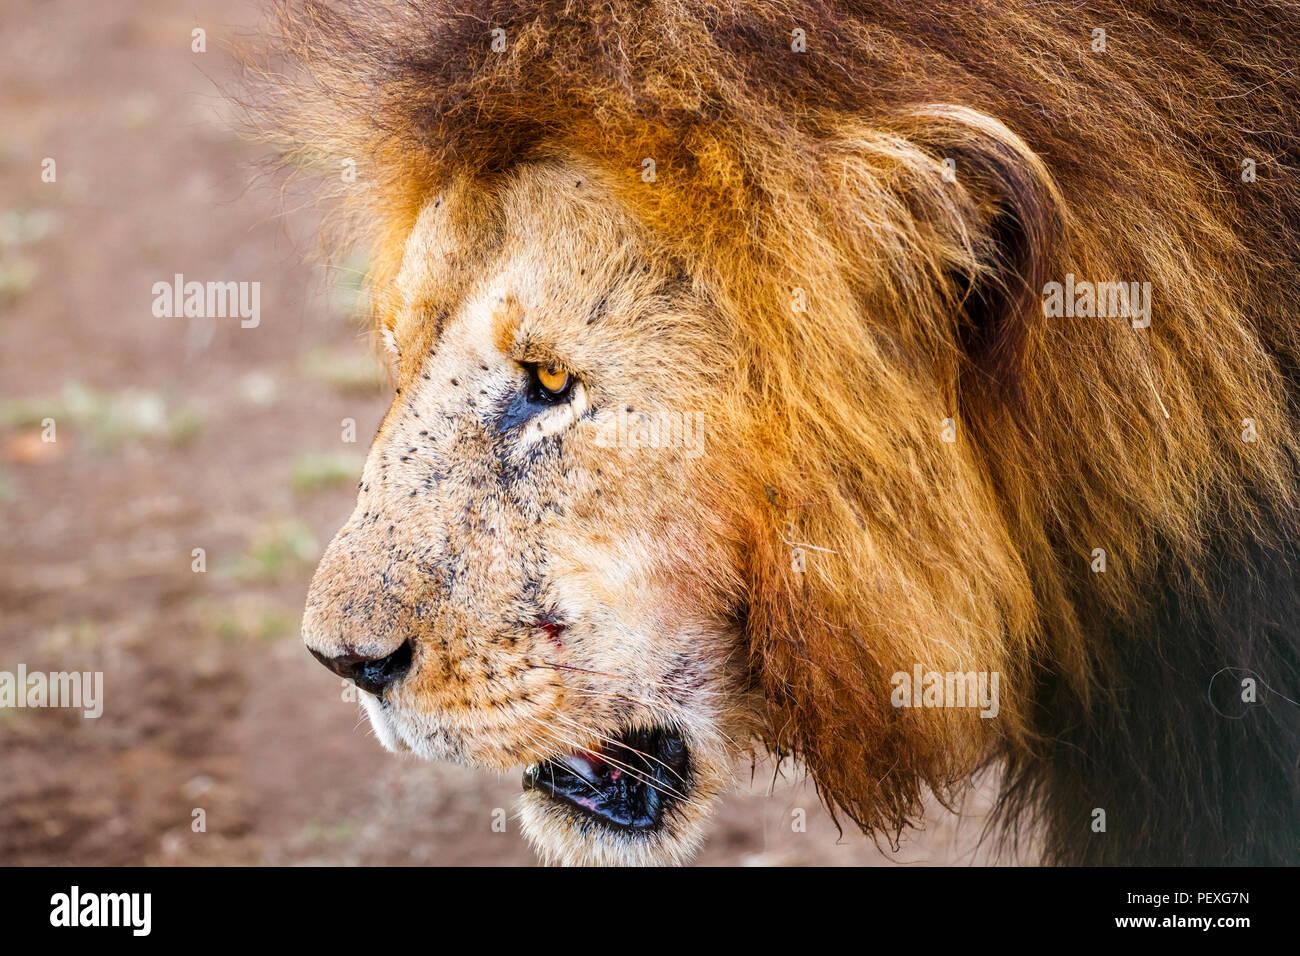 Nahaufnahme der Kopf und Mähne eines erwachsenen männlichen Mara Löwe (Panthera leo) in Fliegen in der Masai Mara, Kenia abgedeckt Stockbild